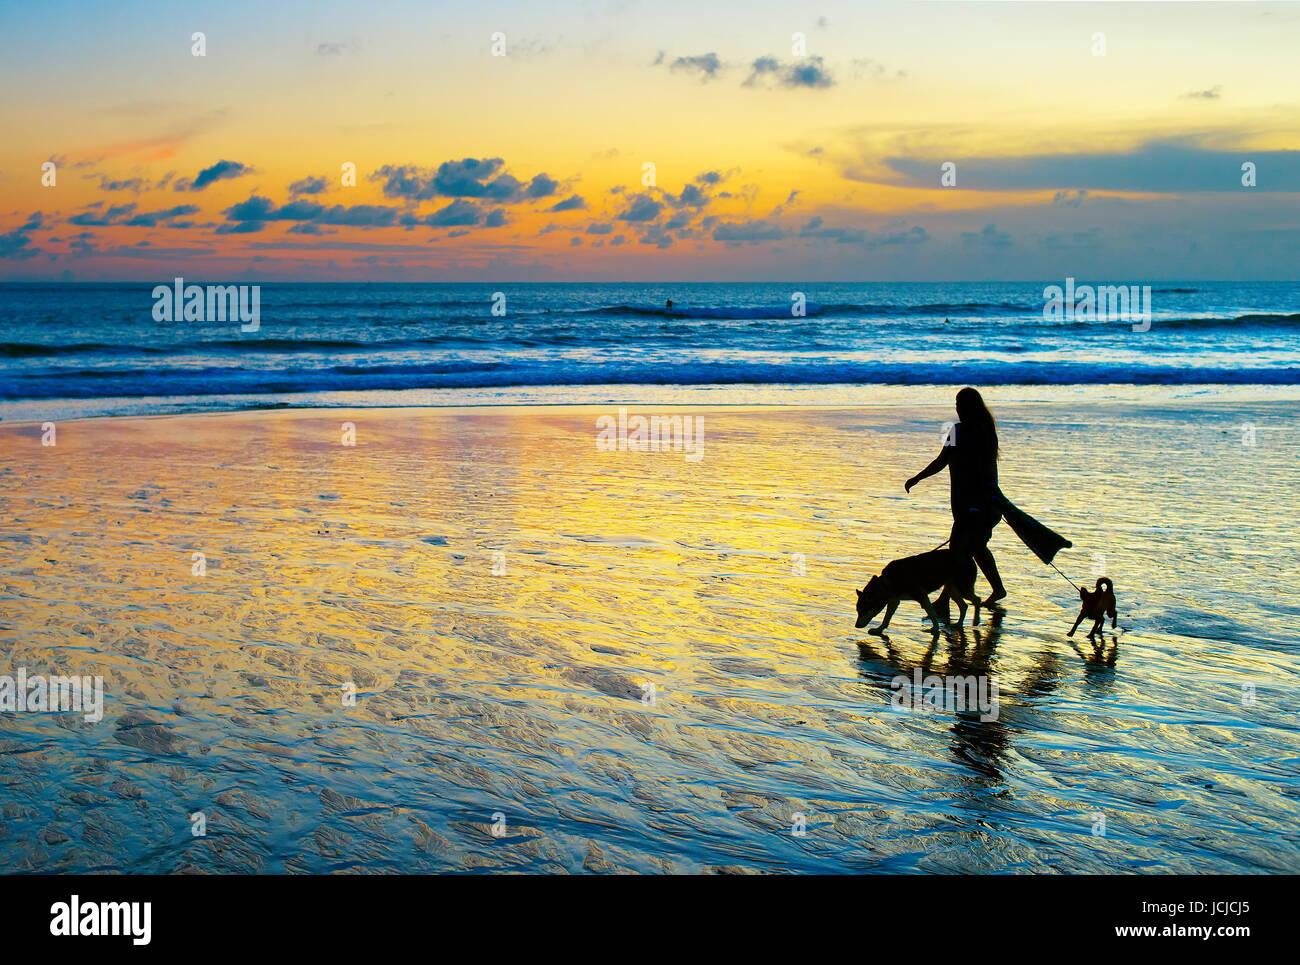 Donna con due cani a camminare su una spiaggia al tramonto. Isola di Bali Immagini Stock